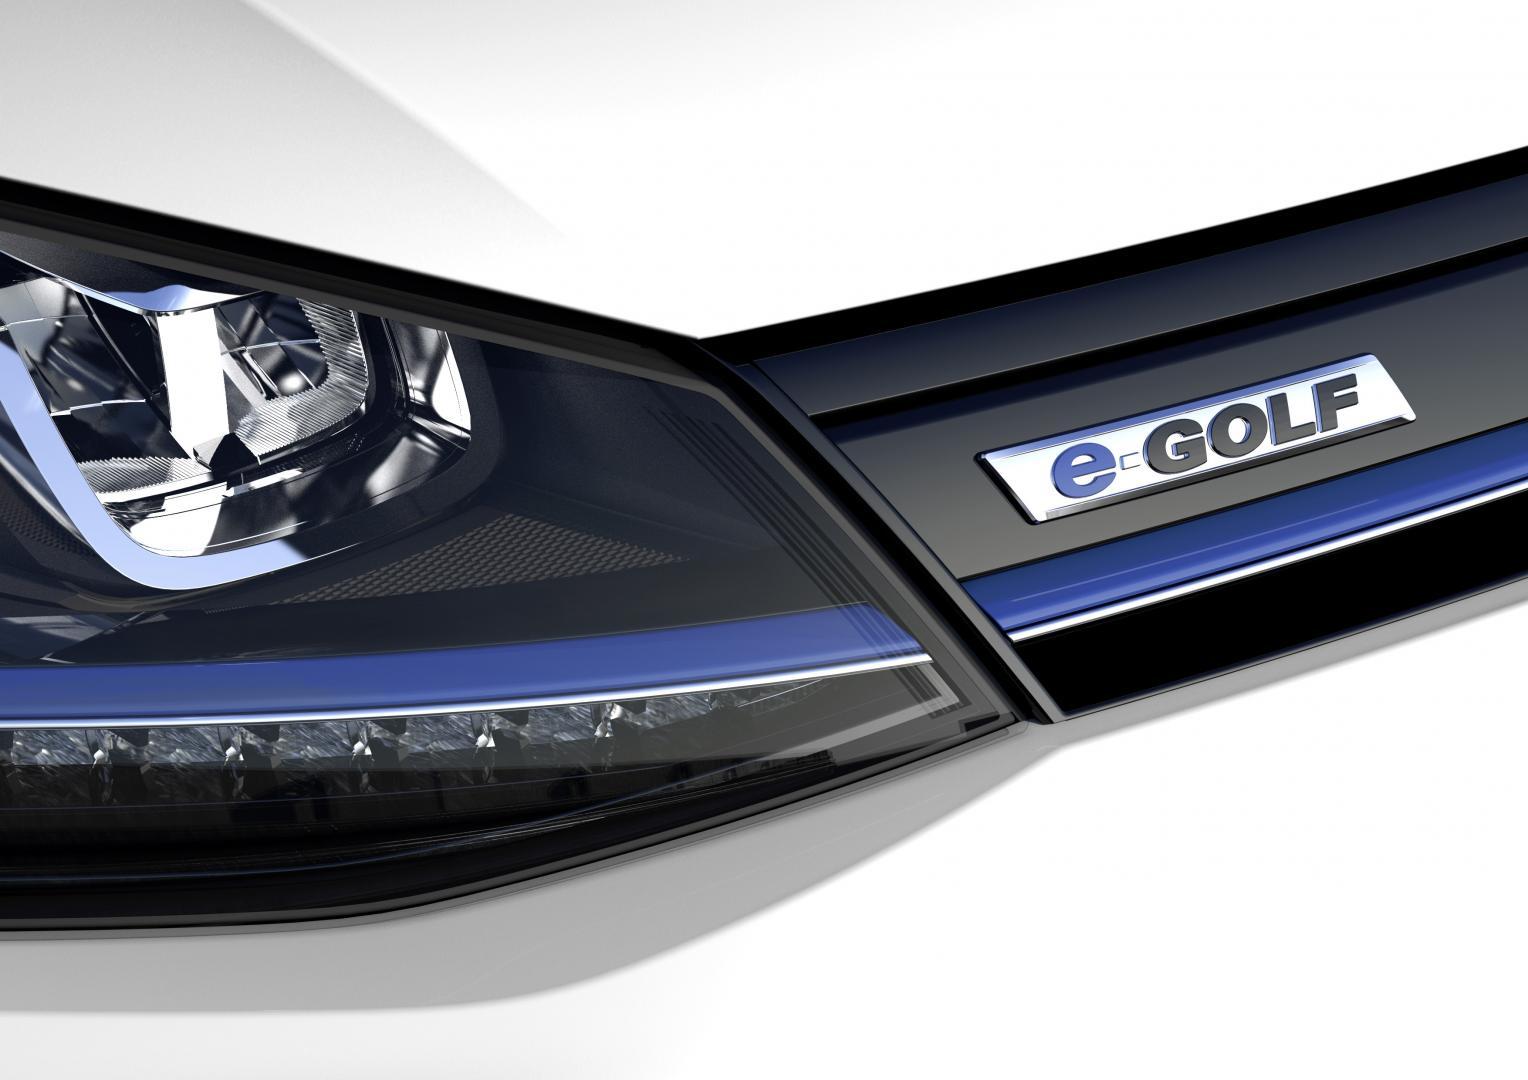 Koplamp-Volkswagen-E-golf